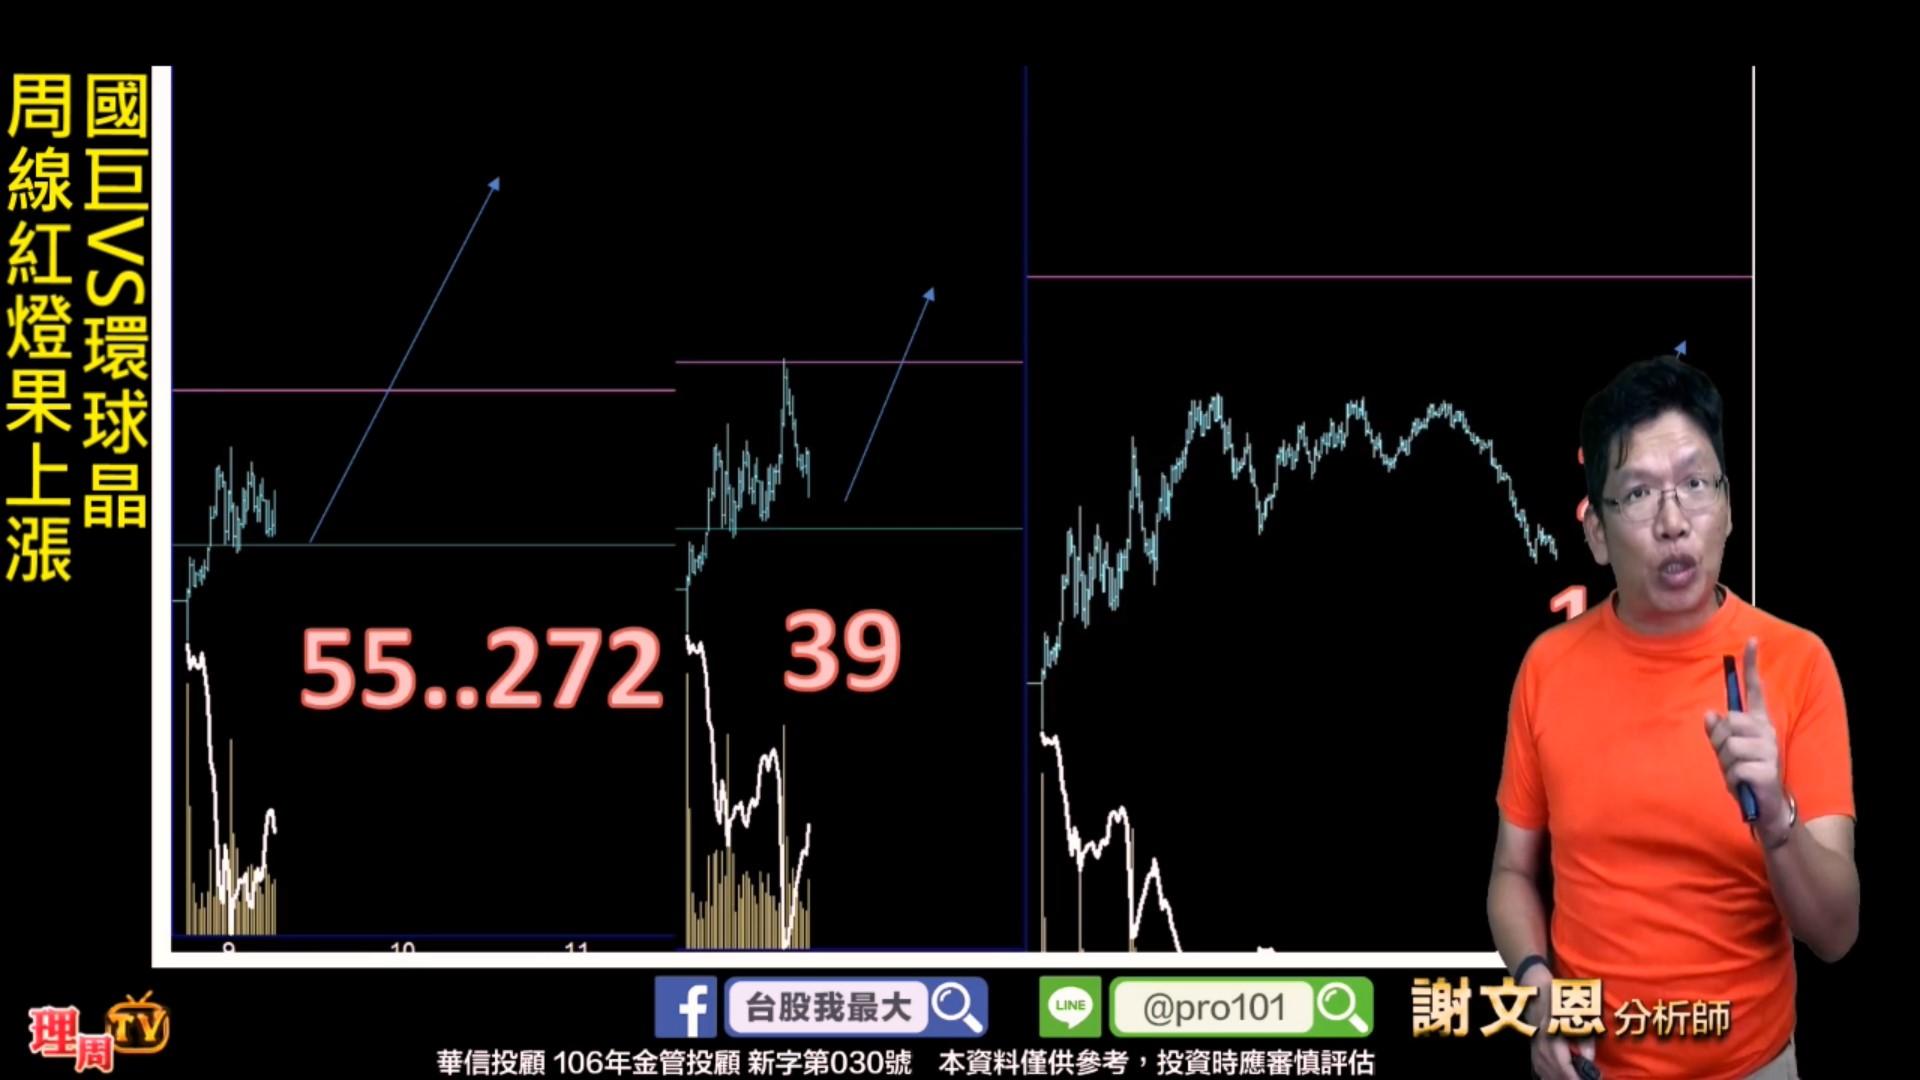 0820_國巨VS環球晶 周線紅燈果上漲